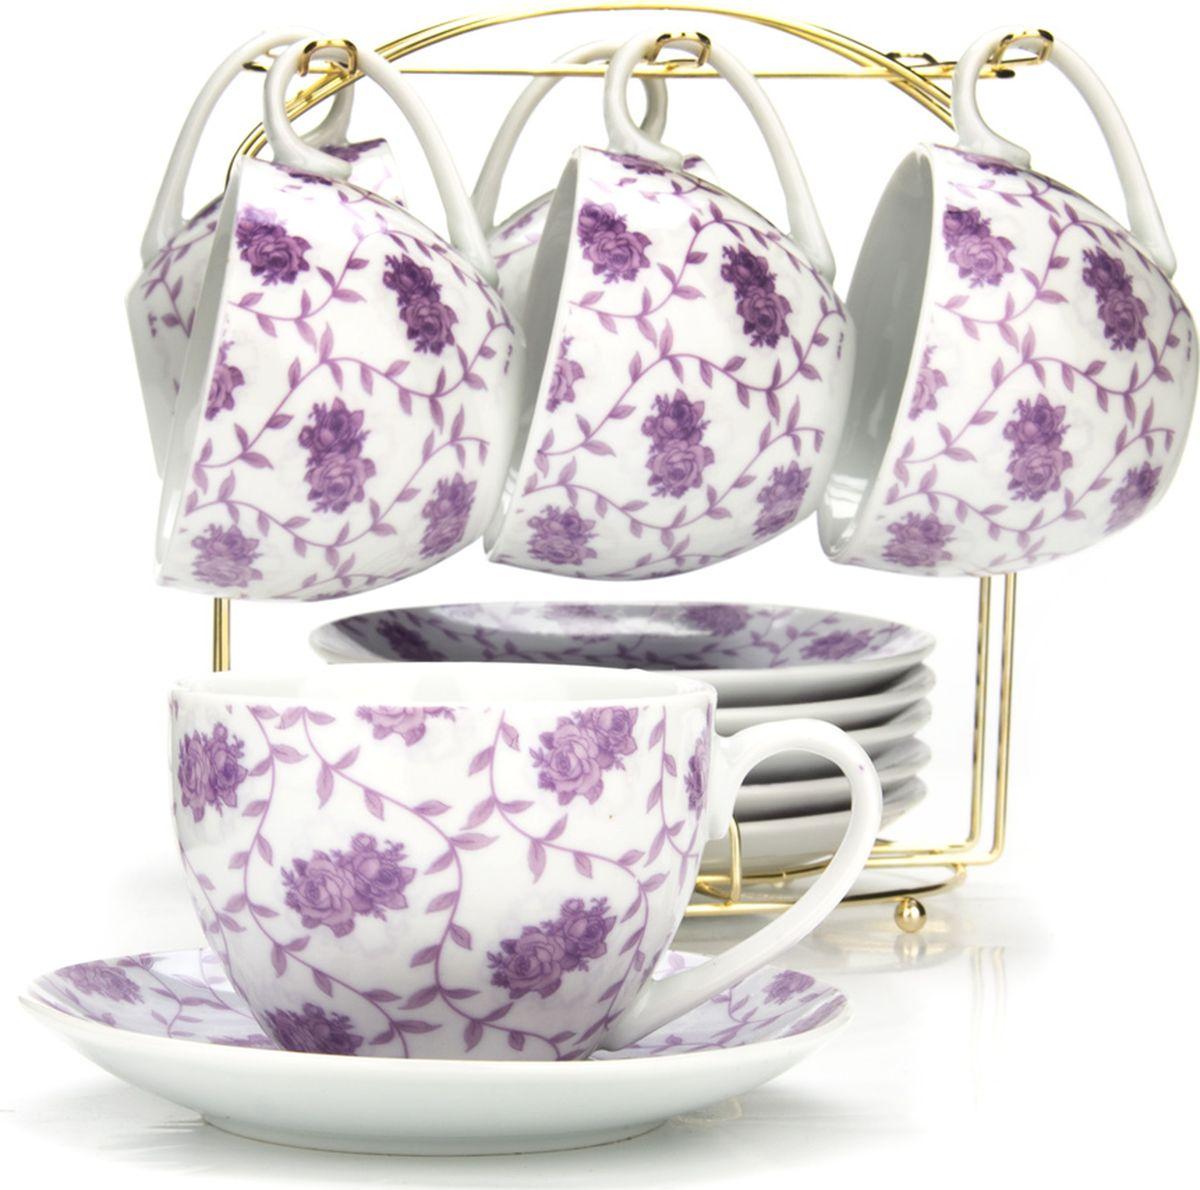 Сервиз чайный Loraine, на подставке, 13 предметов. 43290115510Чайный набор состоит из шести чашек, шести блюдец и металлической подставки золотого цвета. Предметы набора изготовлены из качественного фарфора и оформлены красочным цветным рисунком. Чайный набор идеально подойдет для сервировки стола и станет отличным подарком к любому празднику. Все изделия можно компактно хранить на подставке, входящей в набор. Подходит для мытья в посудомоечной машине.Диаметр чашки: 9 см.Высота чашки: 7 см.Объем чашки: 220 мл.Диаметр блюдца: 14 см.